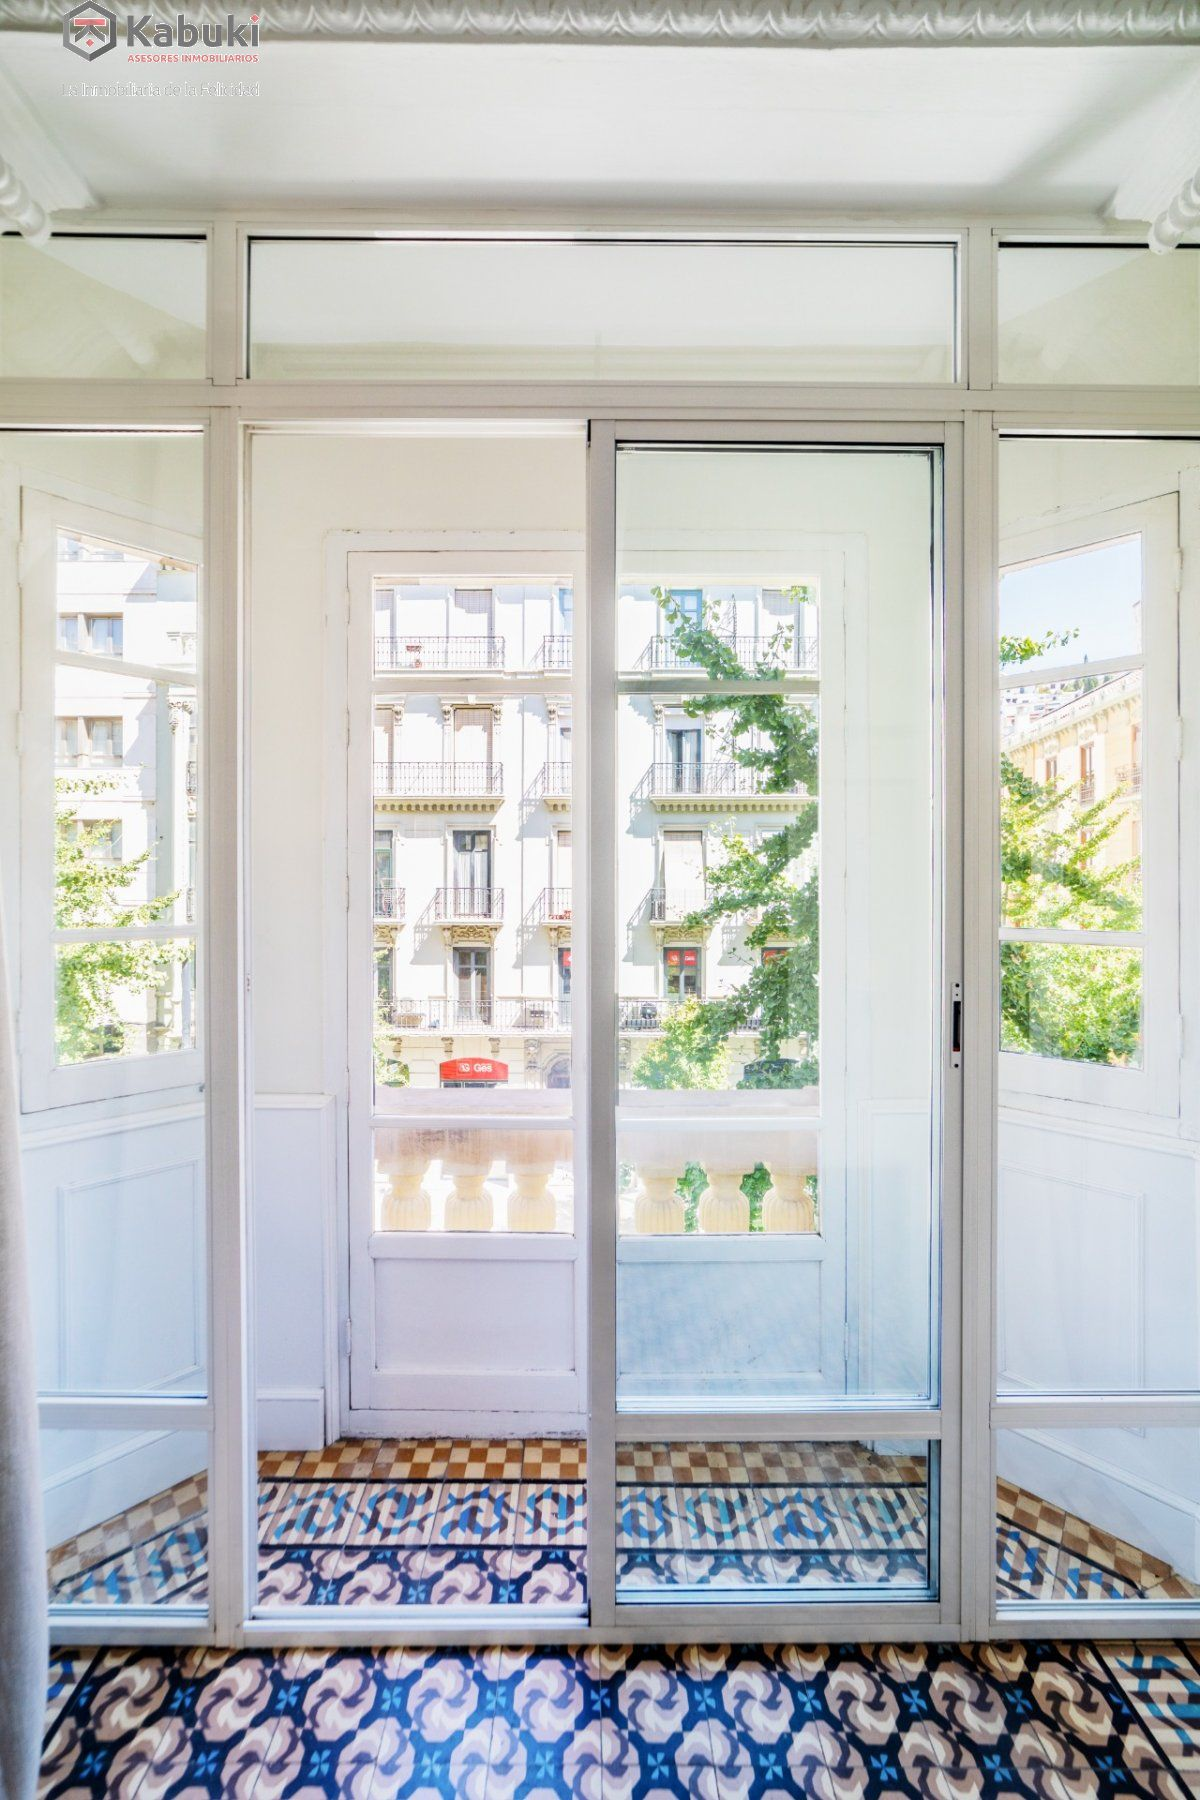 Se alquila curso 2020/2021 amplio y moderno apartamento, 6 dormitorios, 165 m, plenagran v - imagenInmueble26